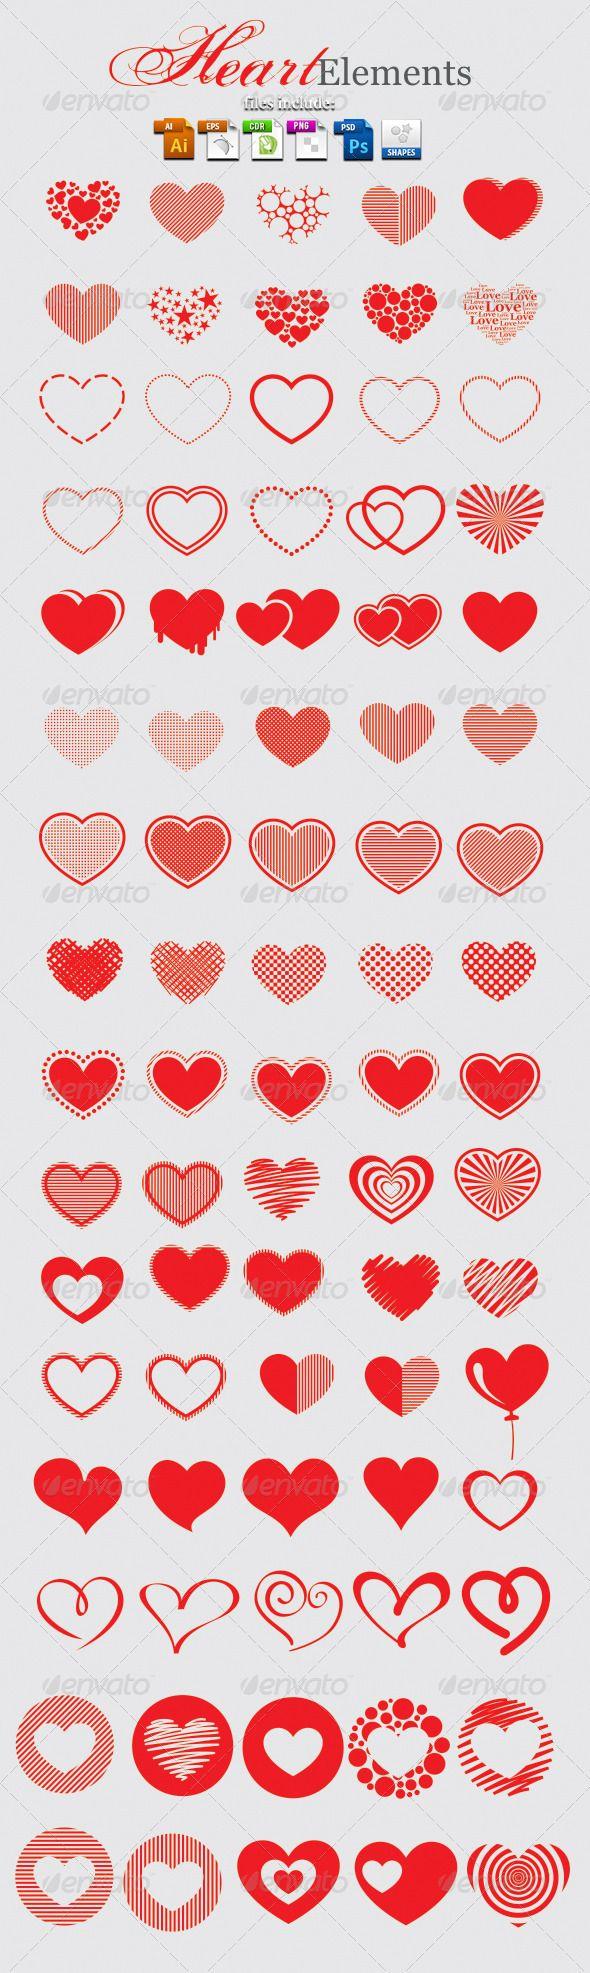 Heart Elements - Symbols Shapes